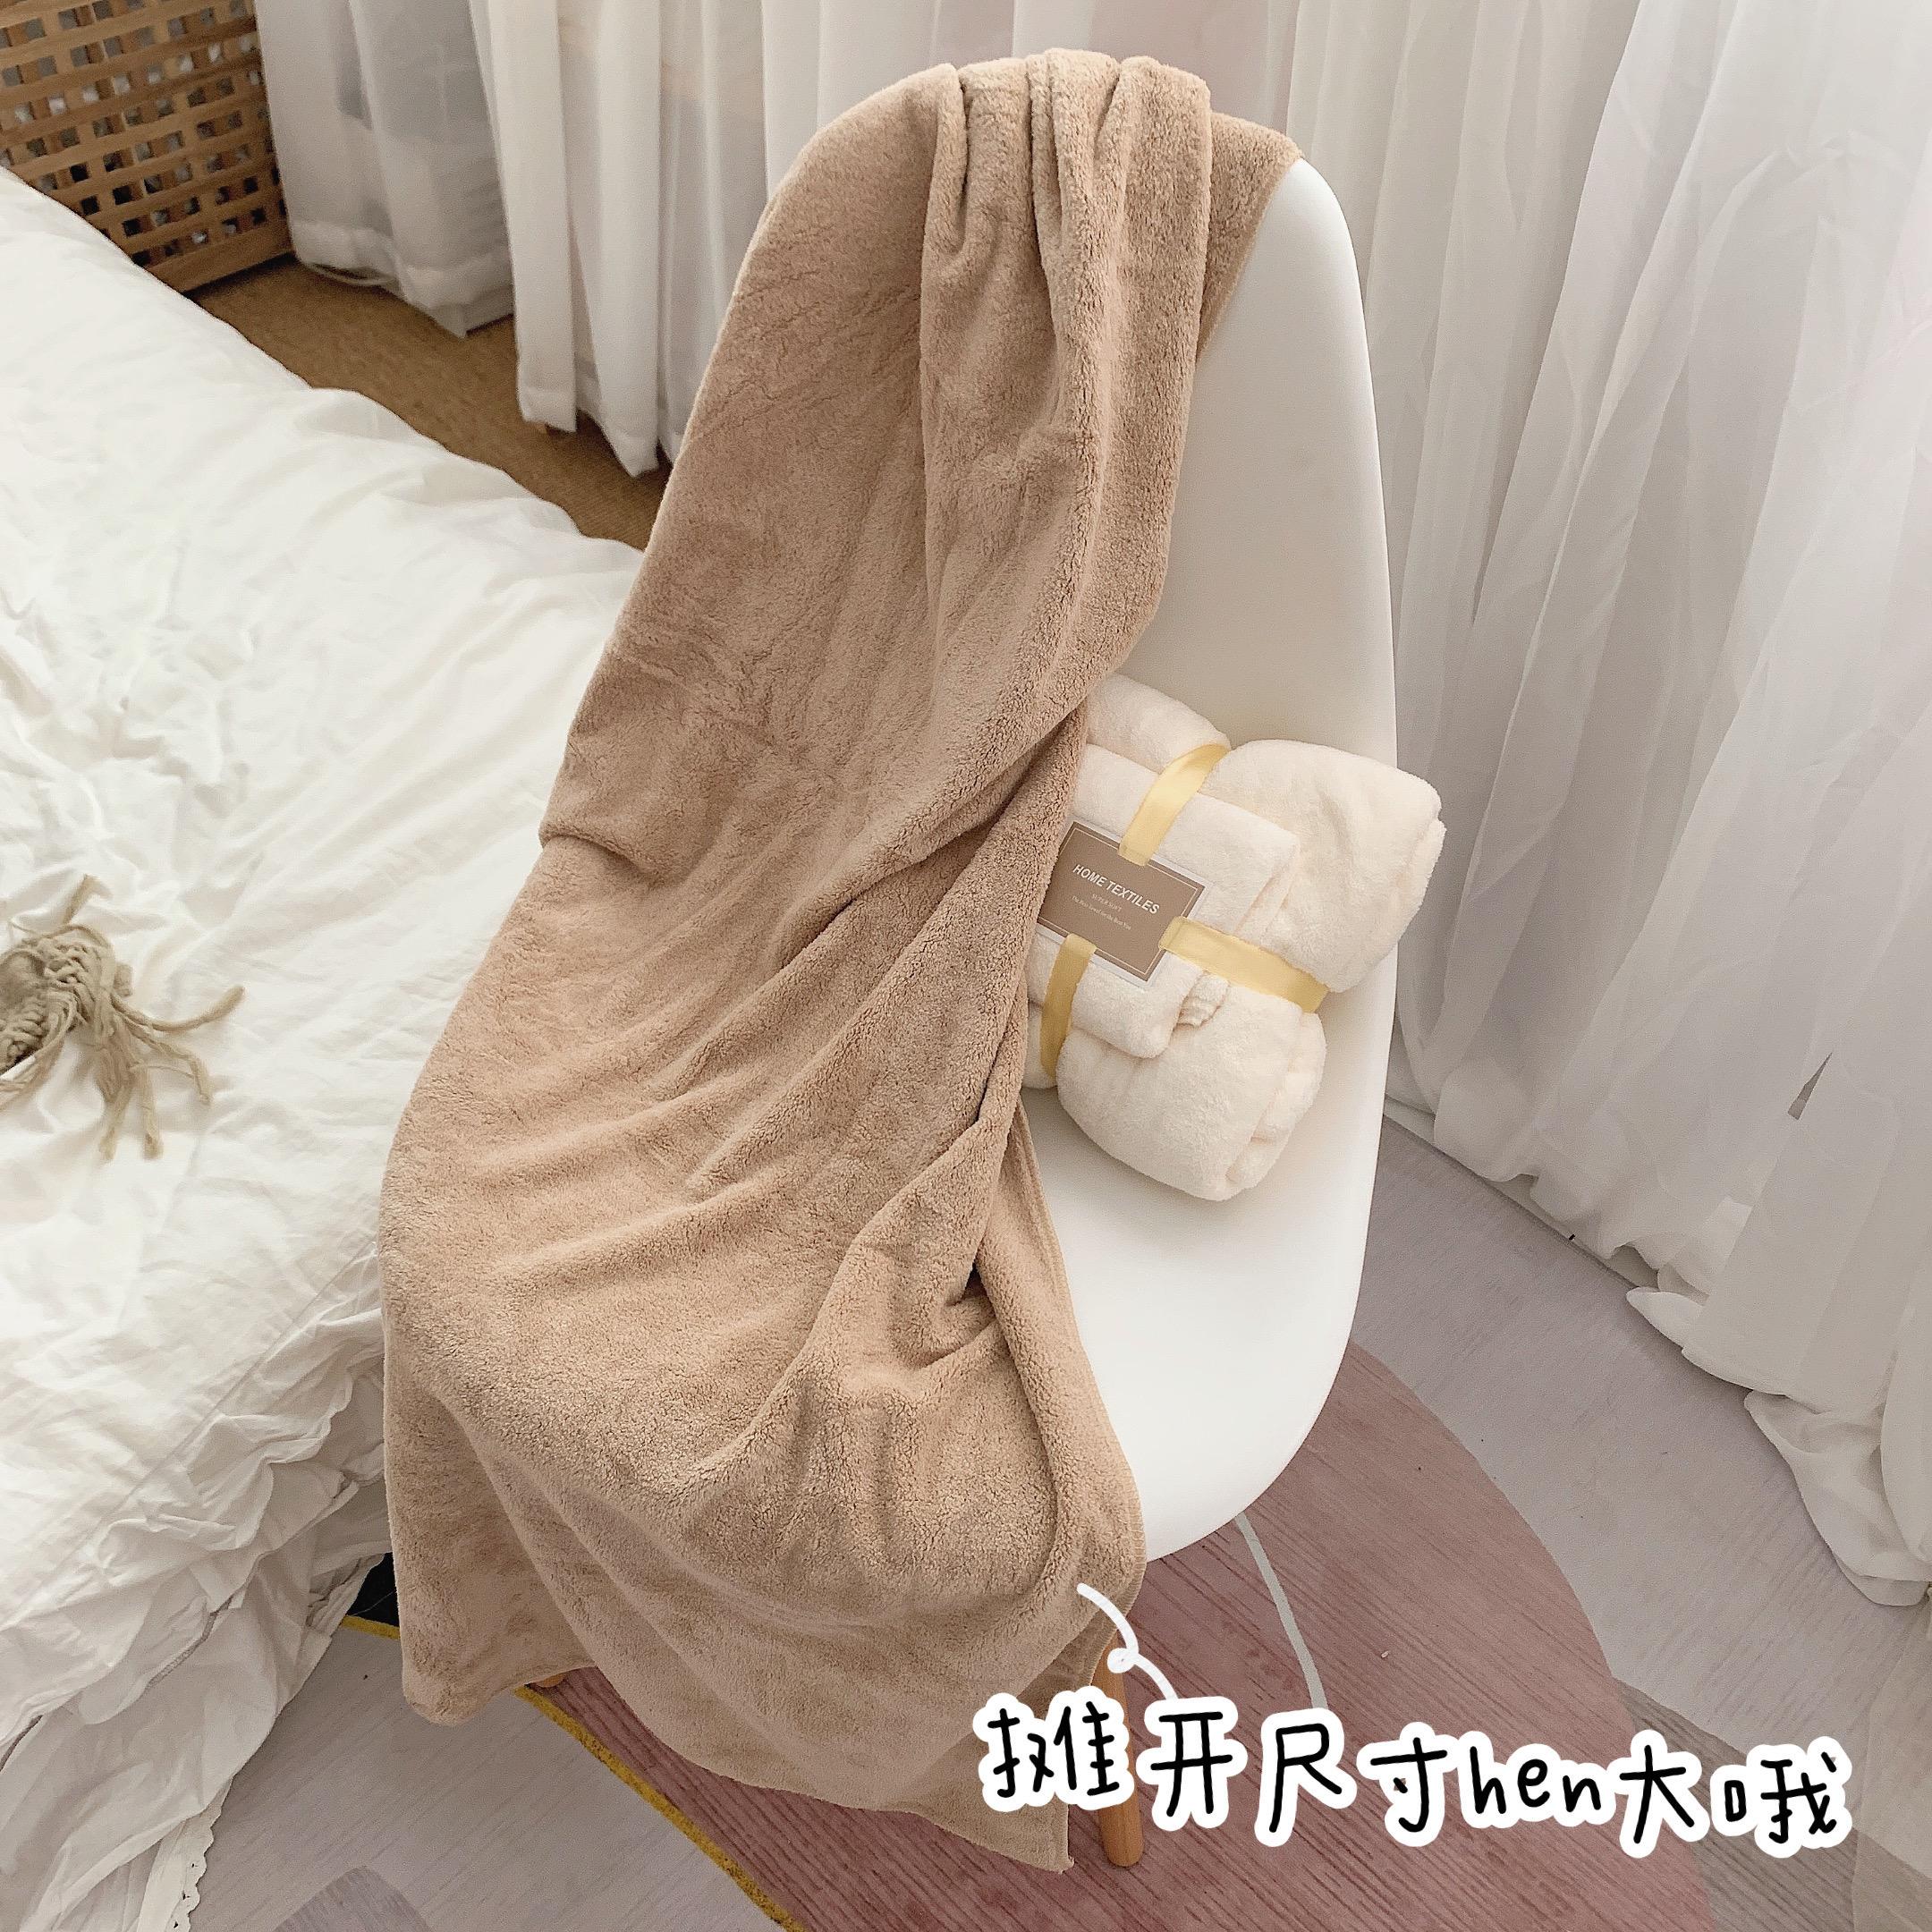 少女心放映室 吸水浴巾毛巾两件套 加厚珊瑚绒速干女学生宿舍家用